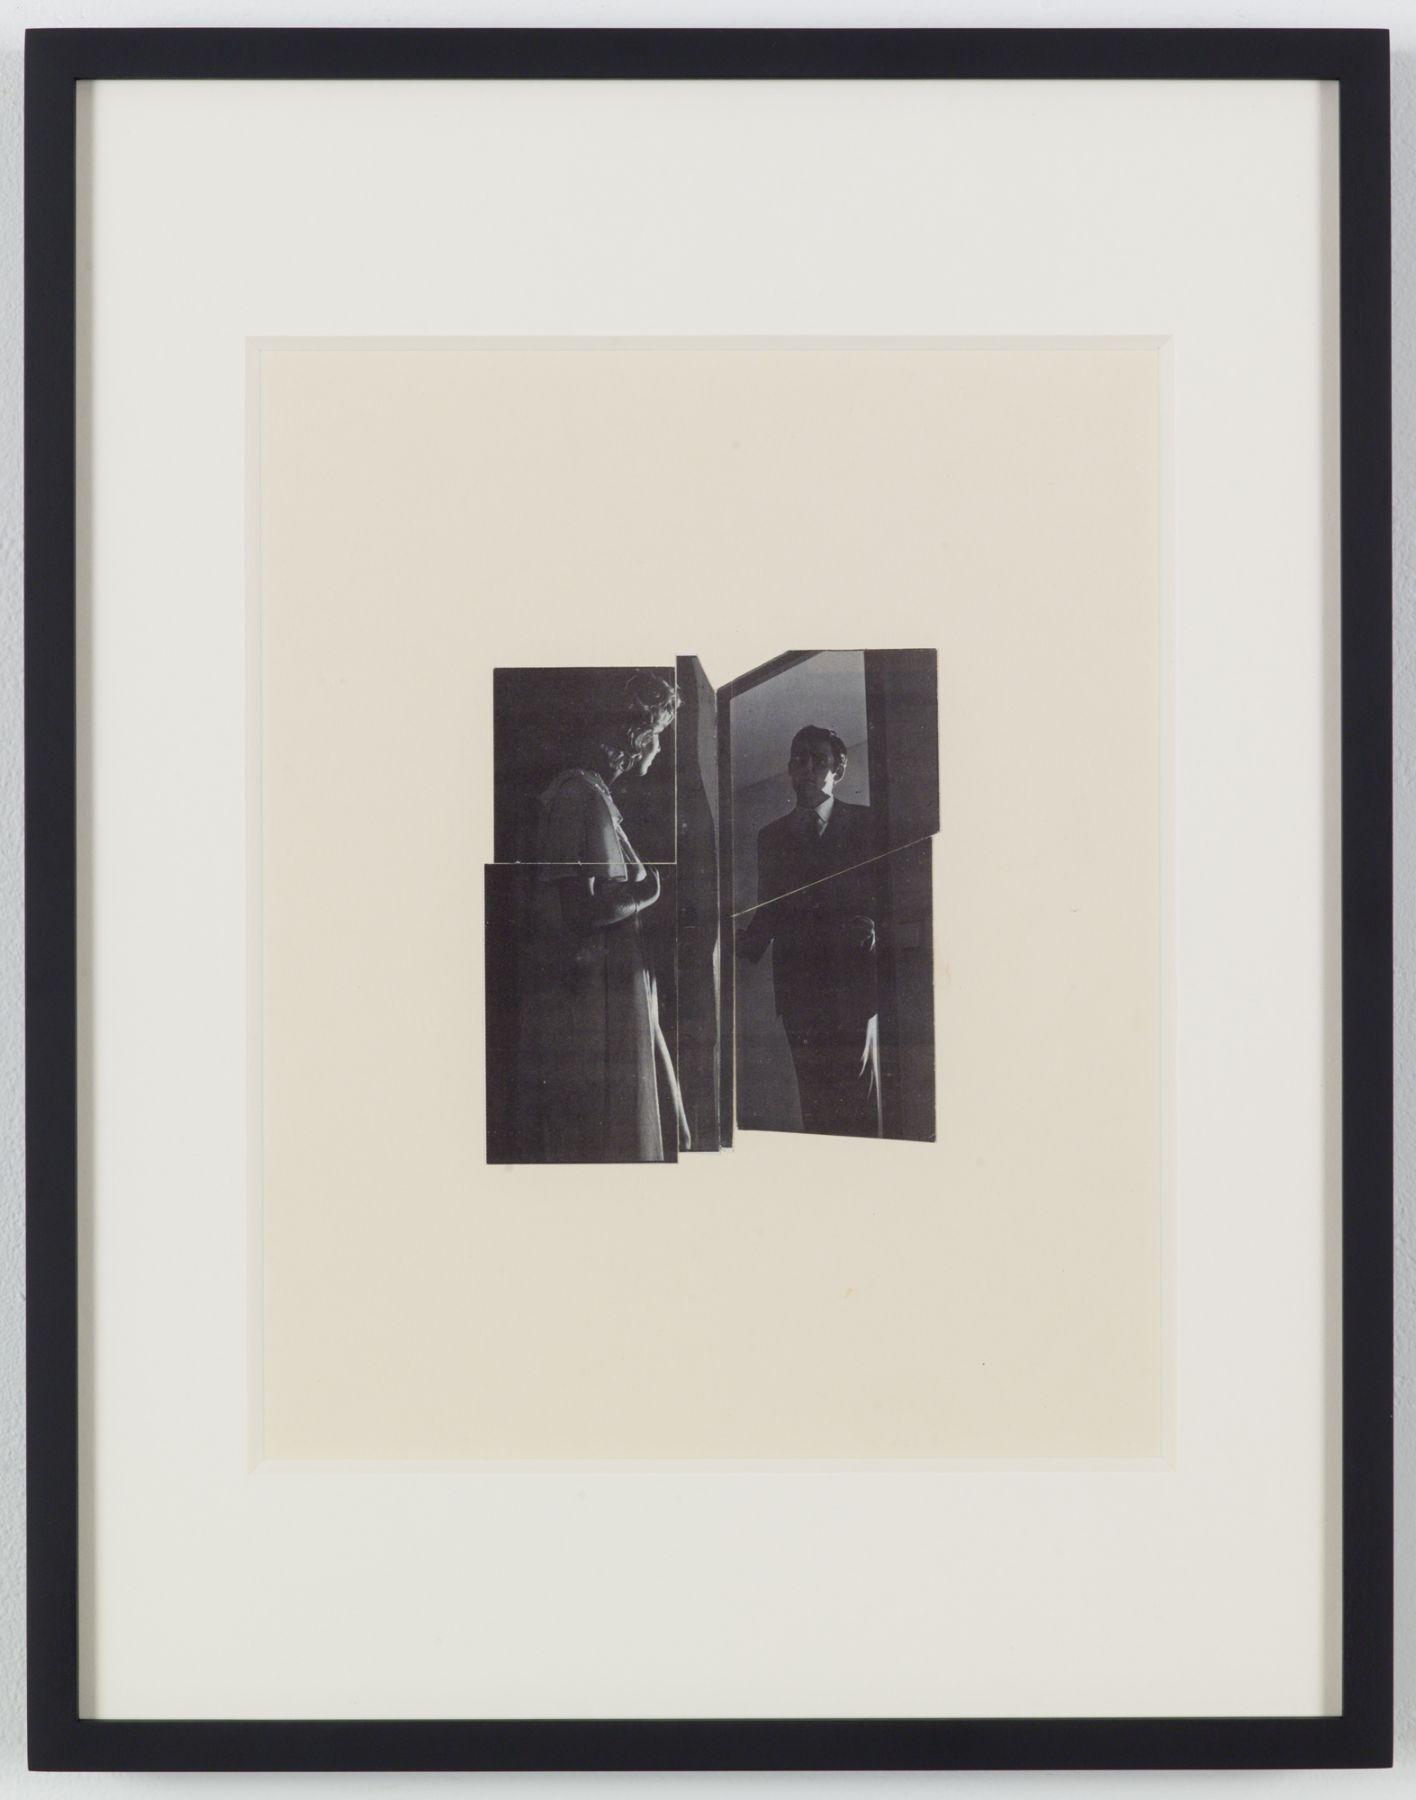 John Stezaker, Mirror Door (Photoroman)